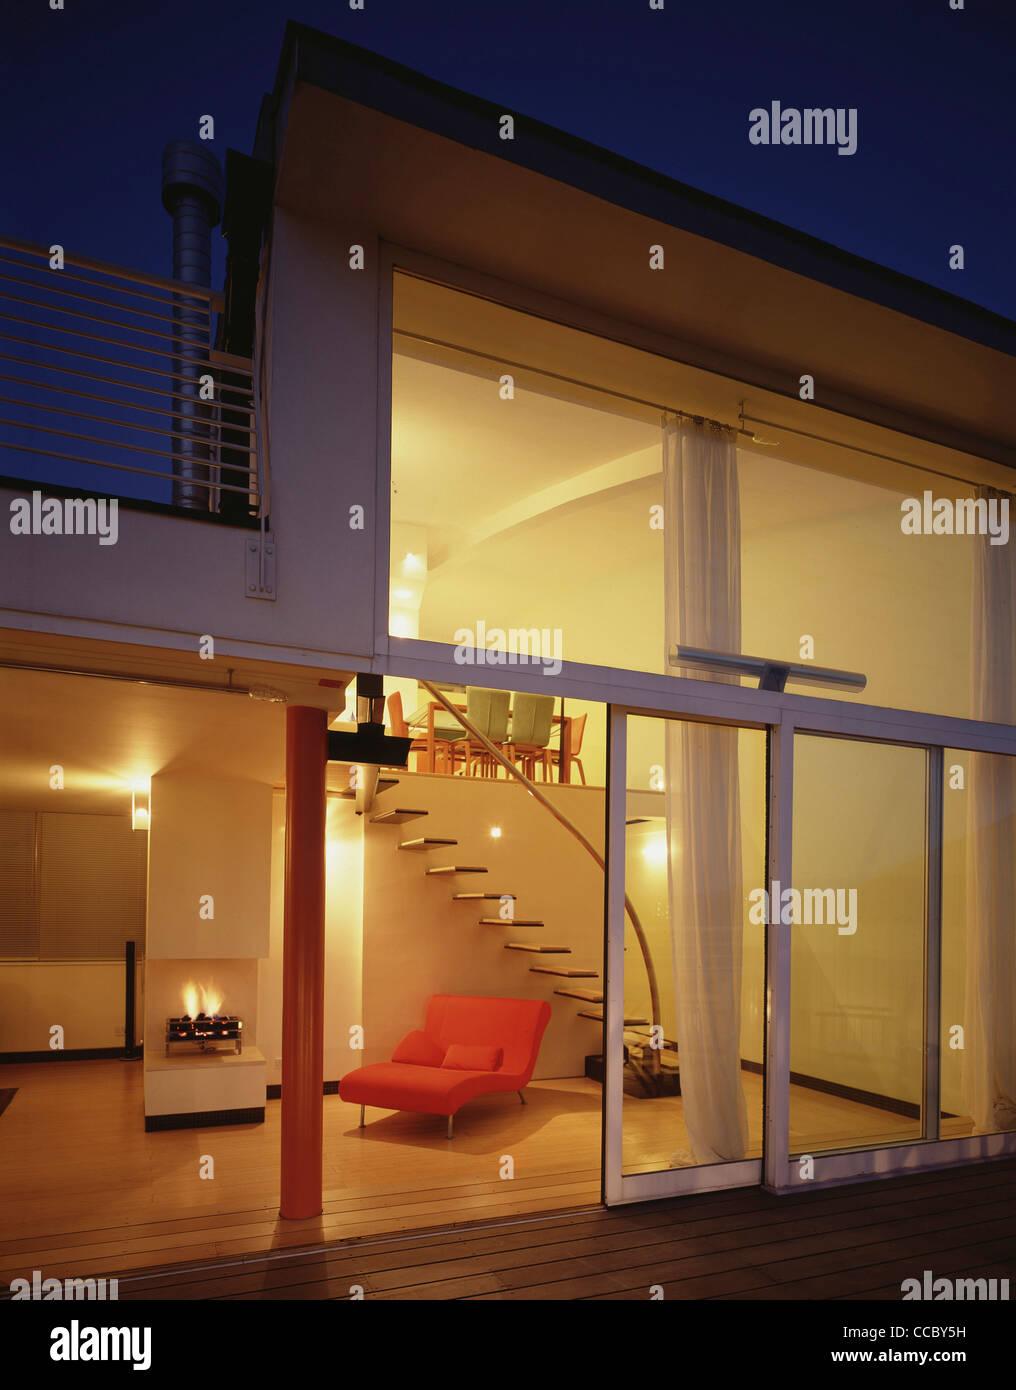 Fancy Außen Haus Entwirft Bilder Festooning - Wohndesign Bilder und ...